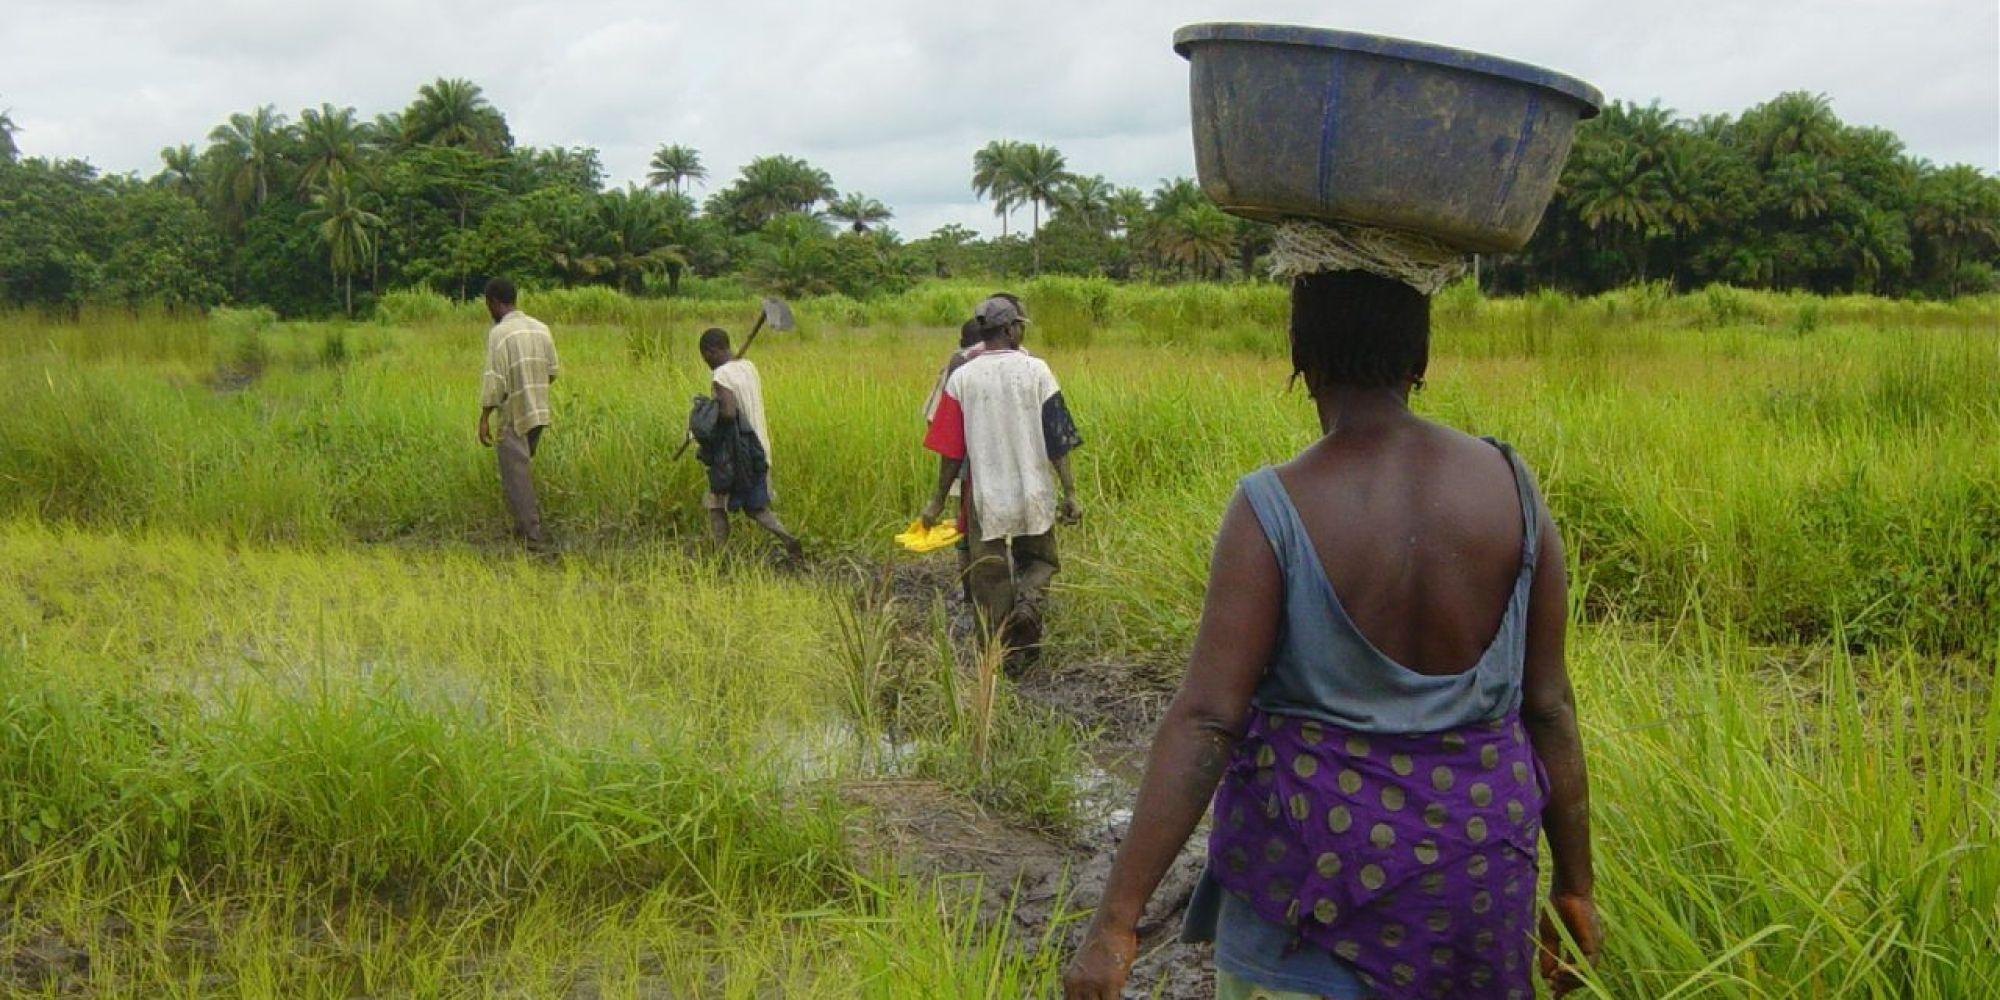 Grafica alusiva a Los faros agroecológicos: una propuesta integradora de la cultura afrocolombiana(1)